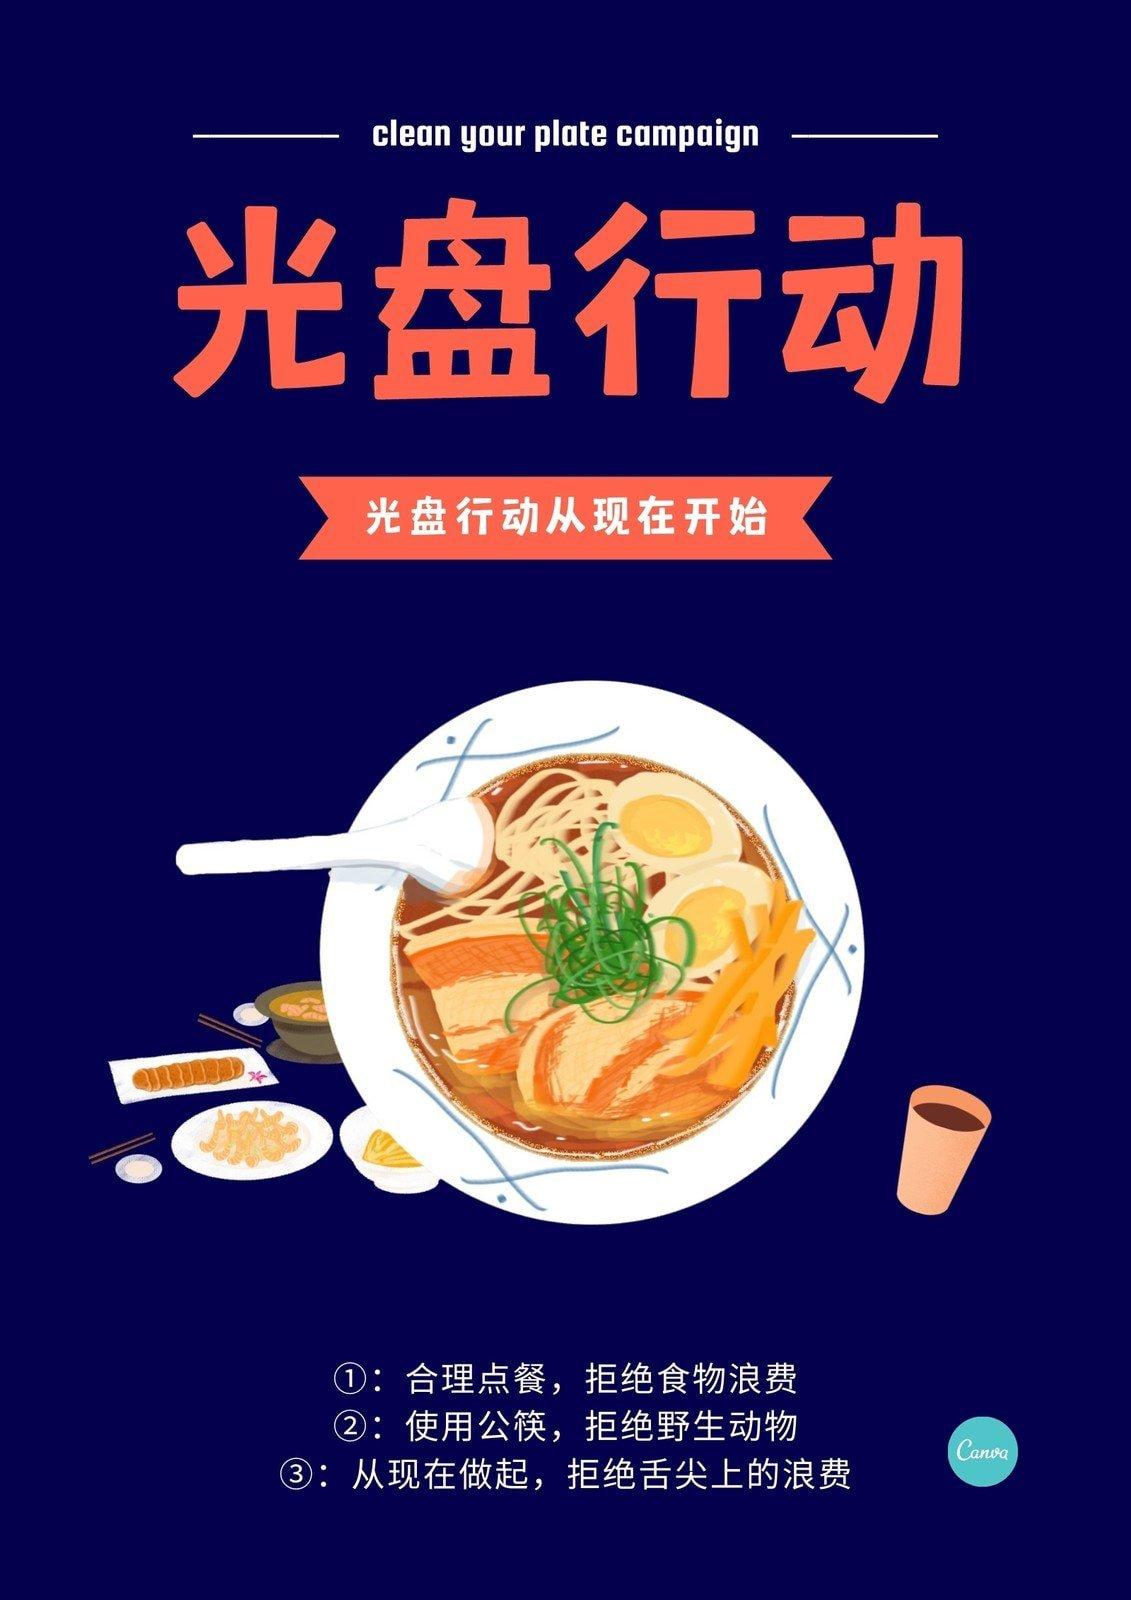 蓝橙色光盘行动节约粮食响应号召餐饮促销手绘热点餐饮分享中文海报